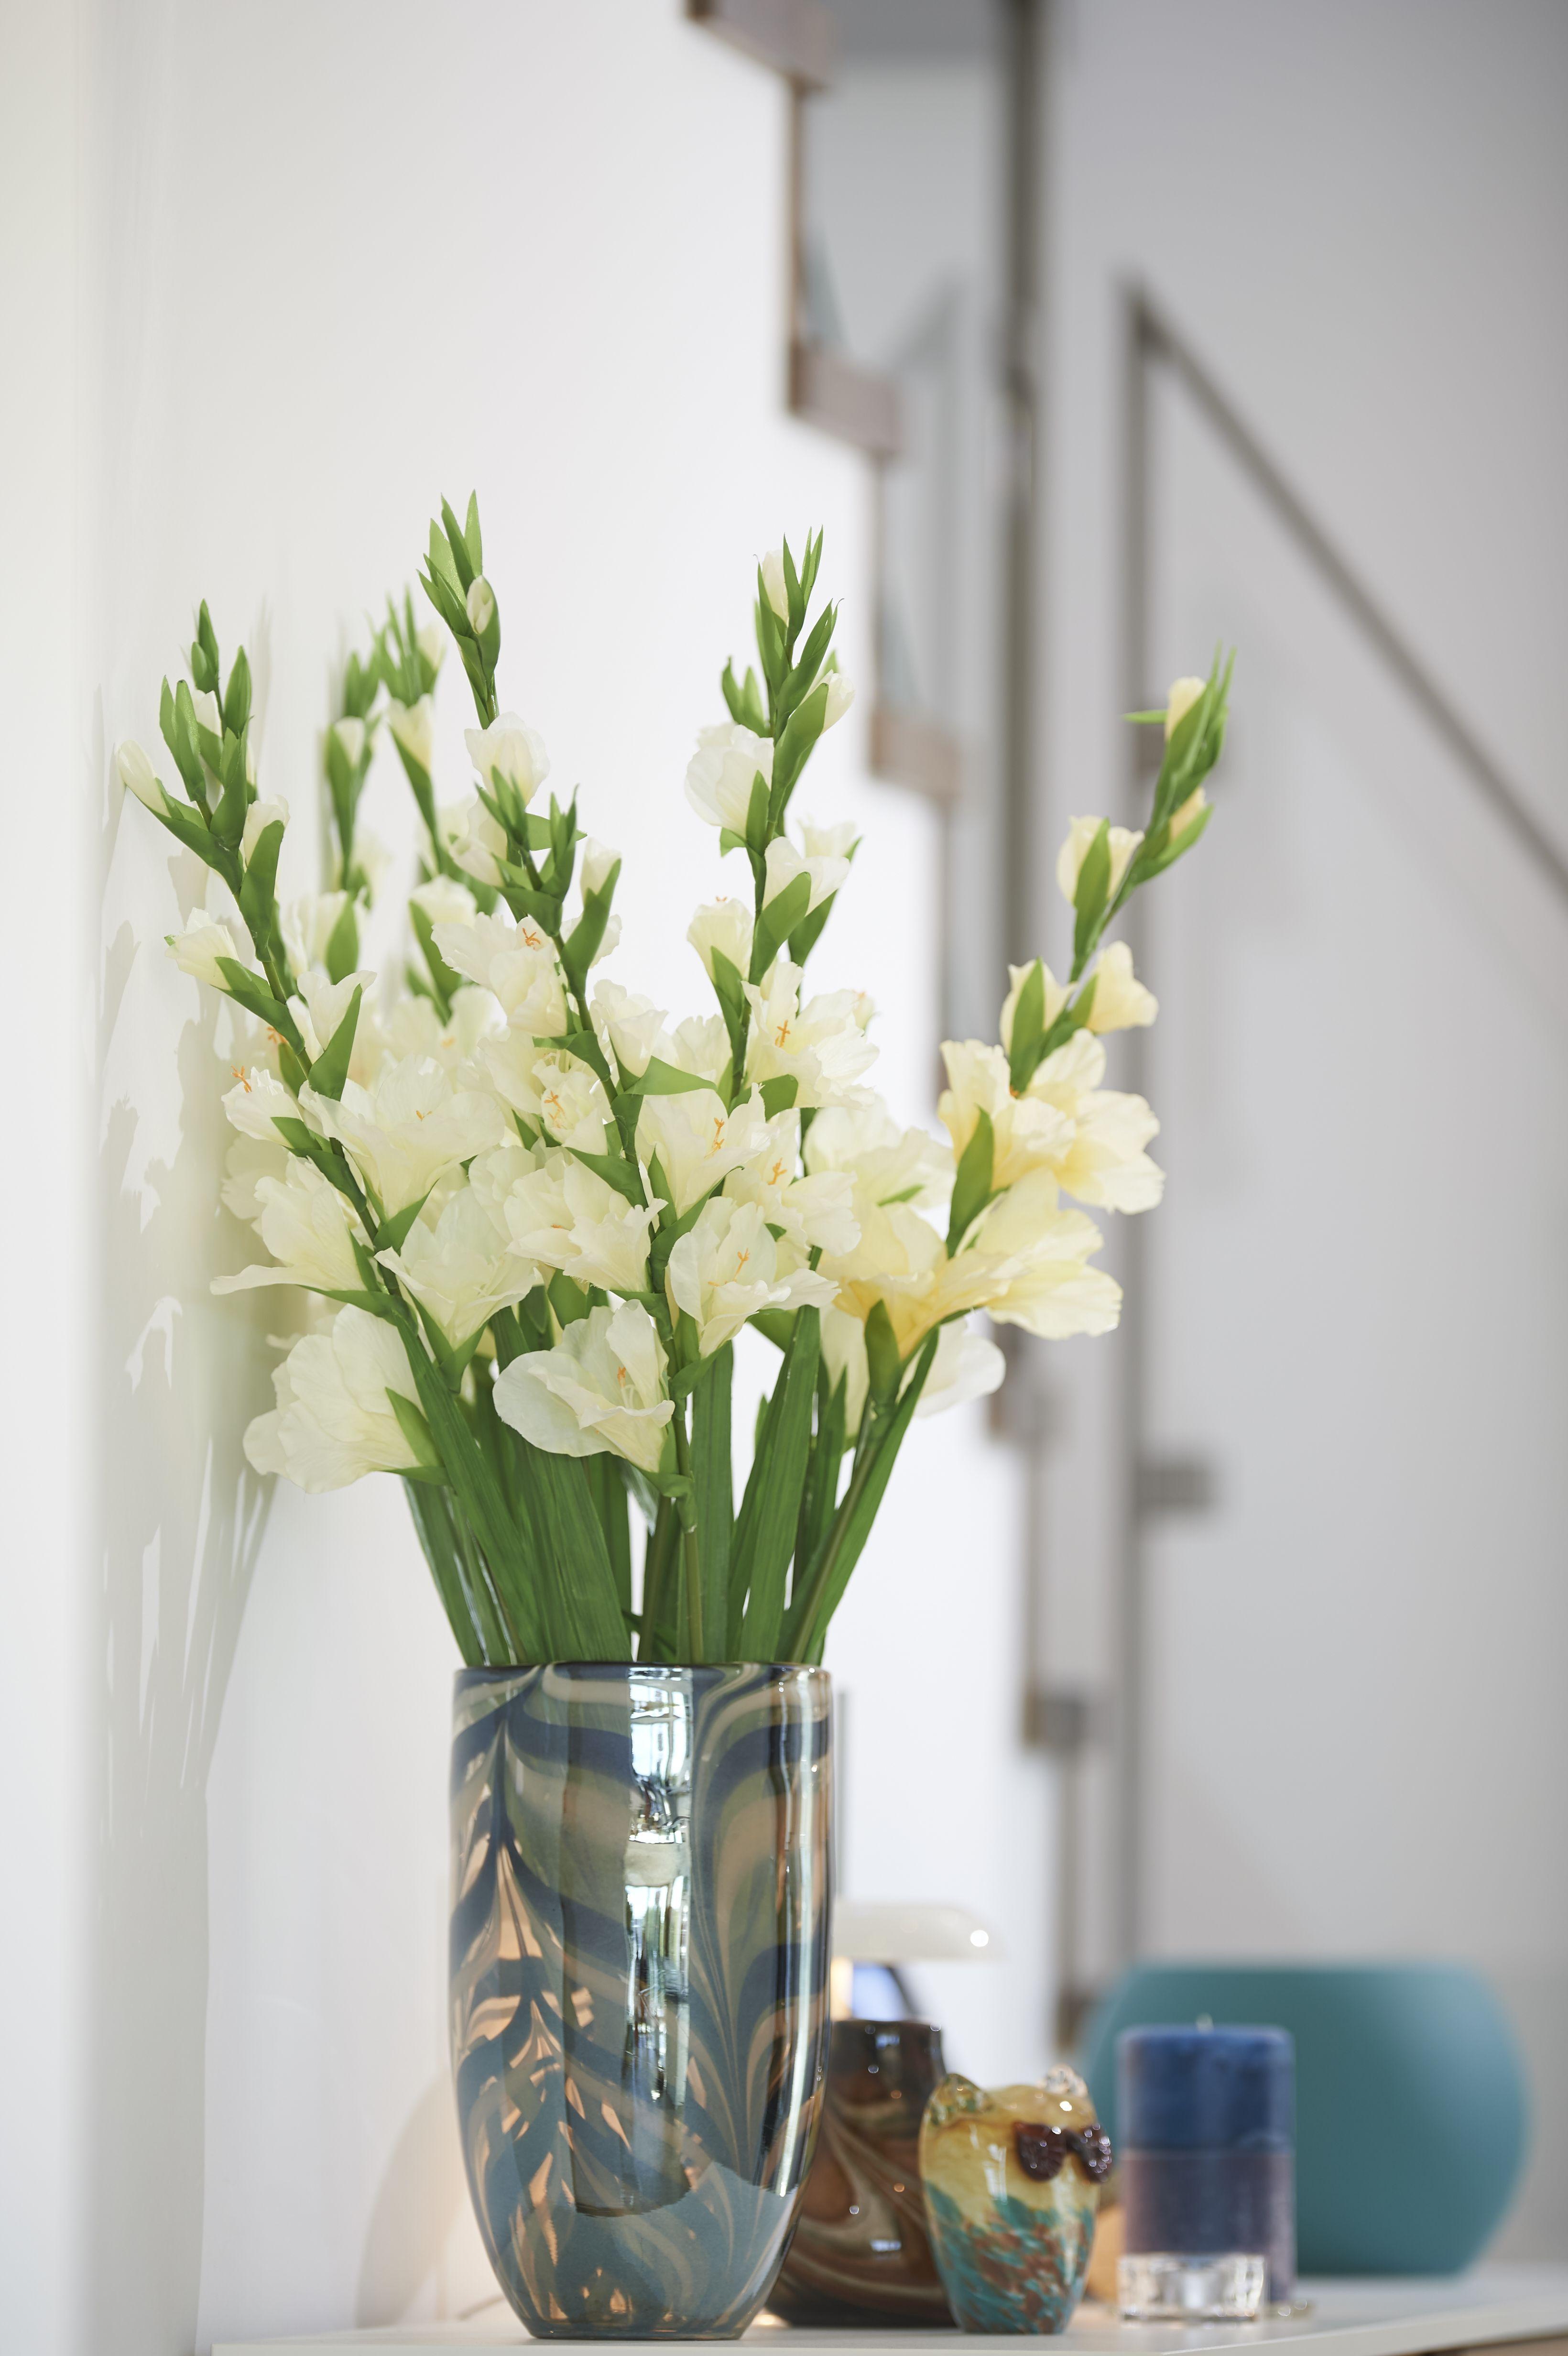 Blumendekoration im Musterhaus Buchrasen